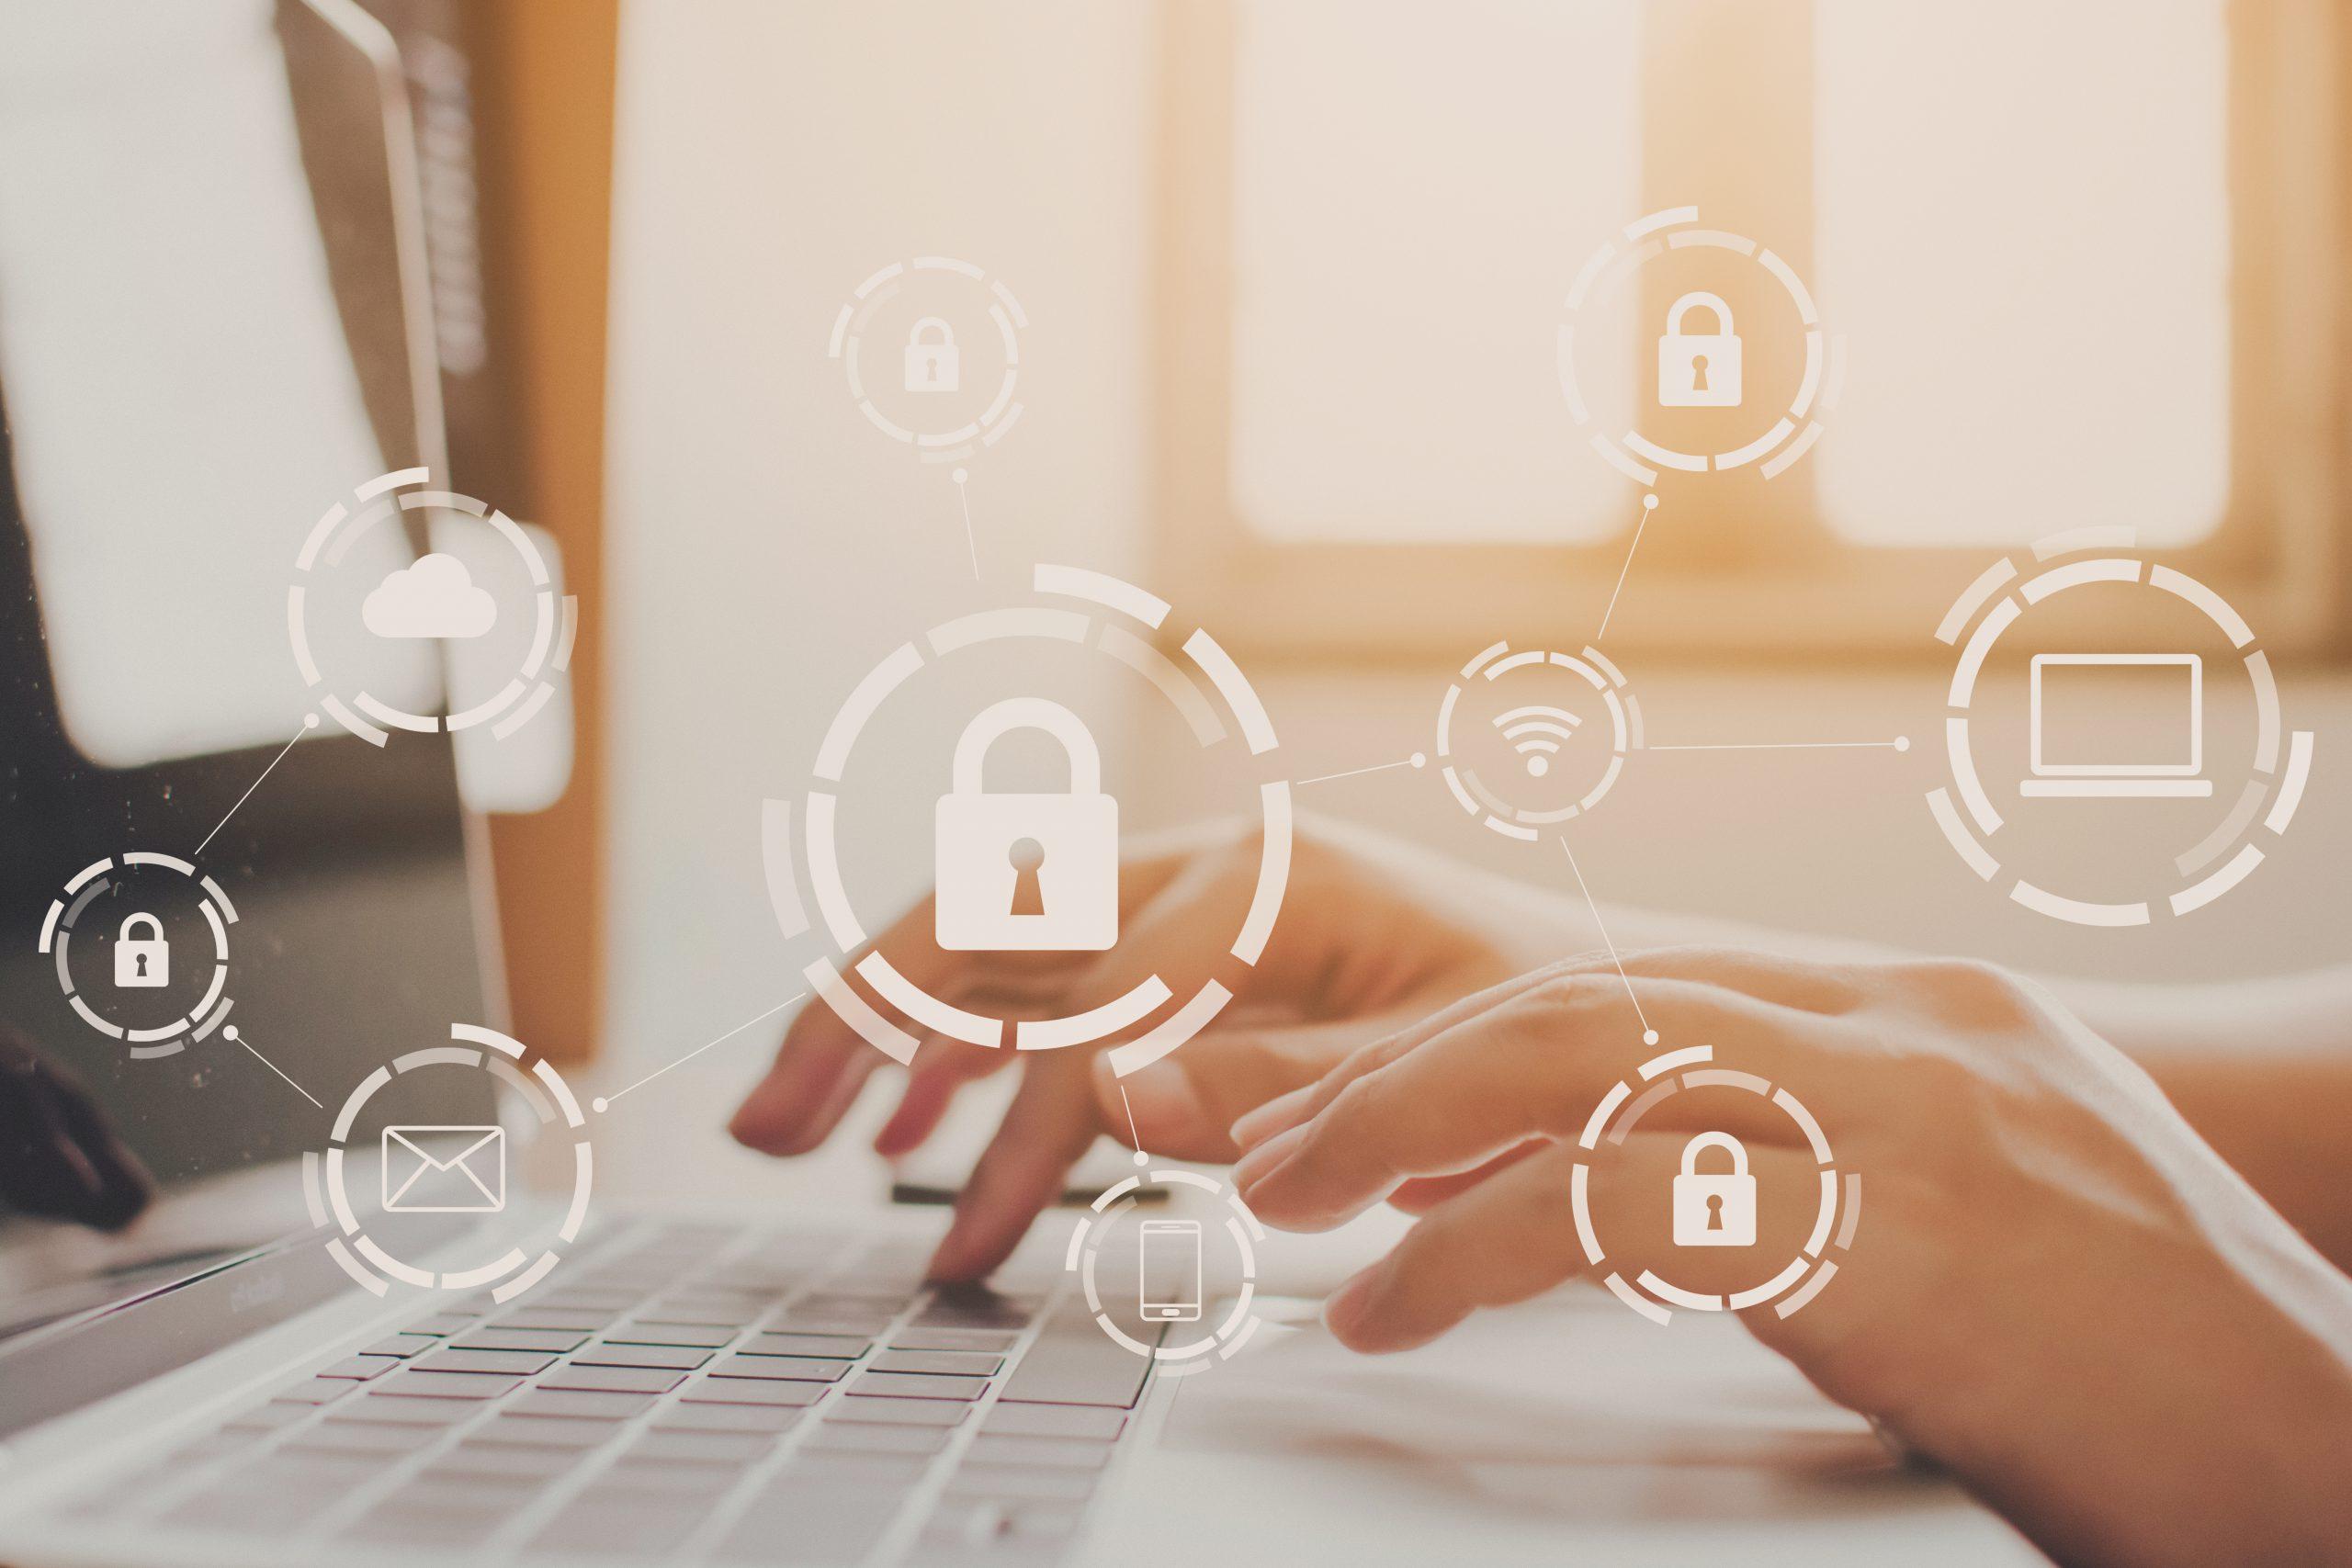 cybersecurity_cyberrisico_cyberverzekeringen